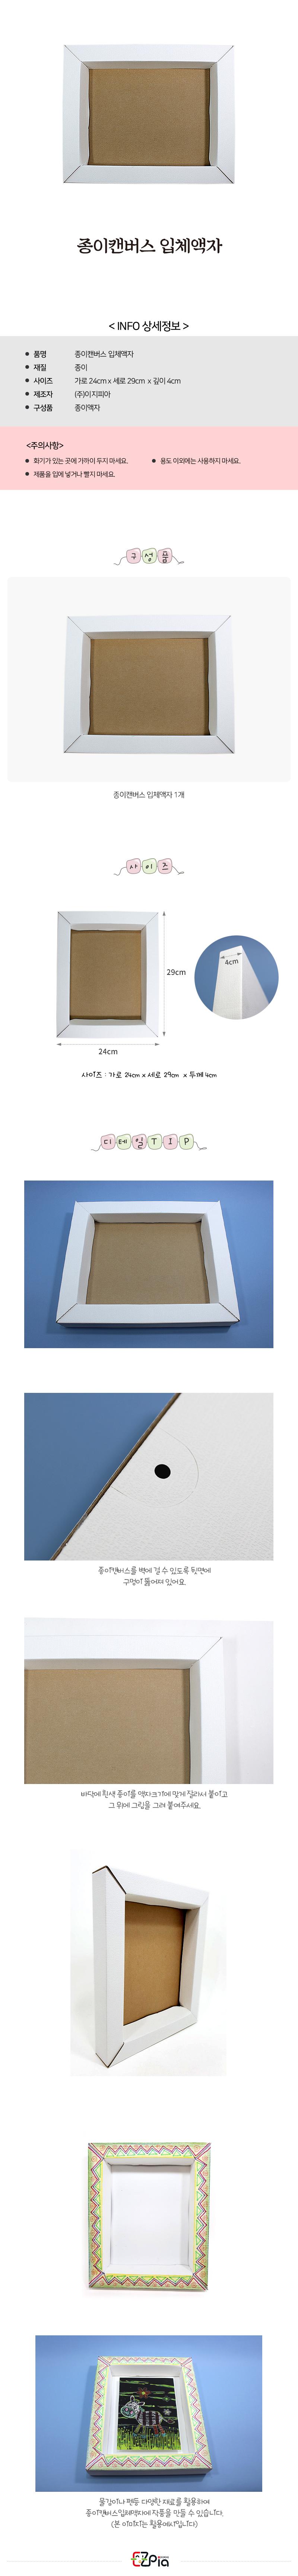 종이캔버스 입체액자 - 이지피아, 3,000원, 액자, 미니액자